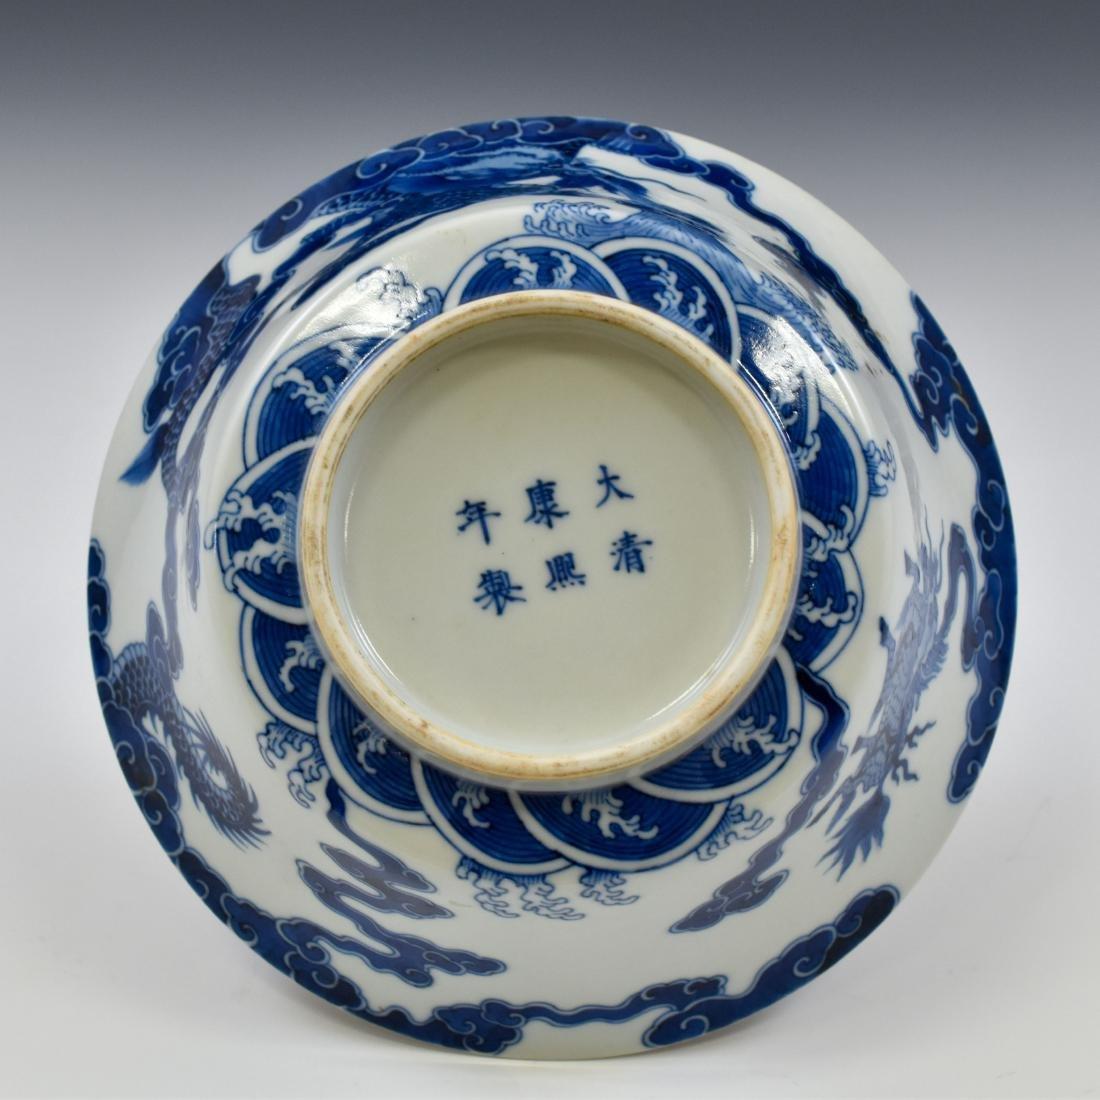 KANGXI BLUE & WHITE DRAGON BOWL - 6